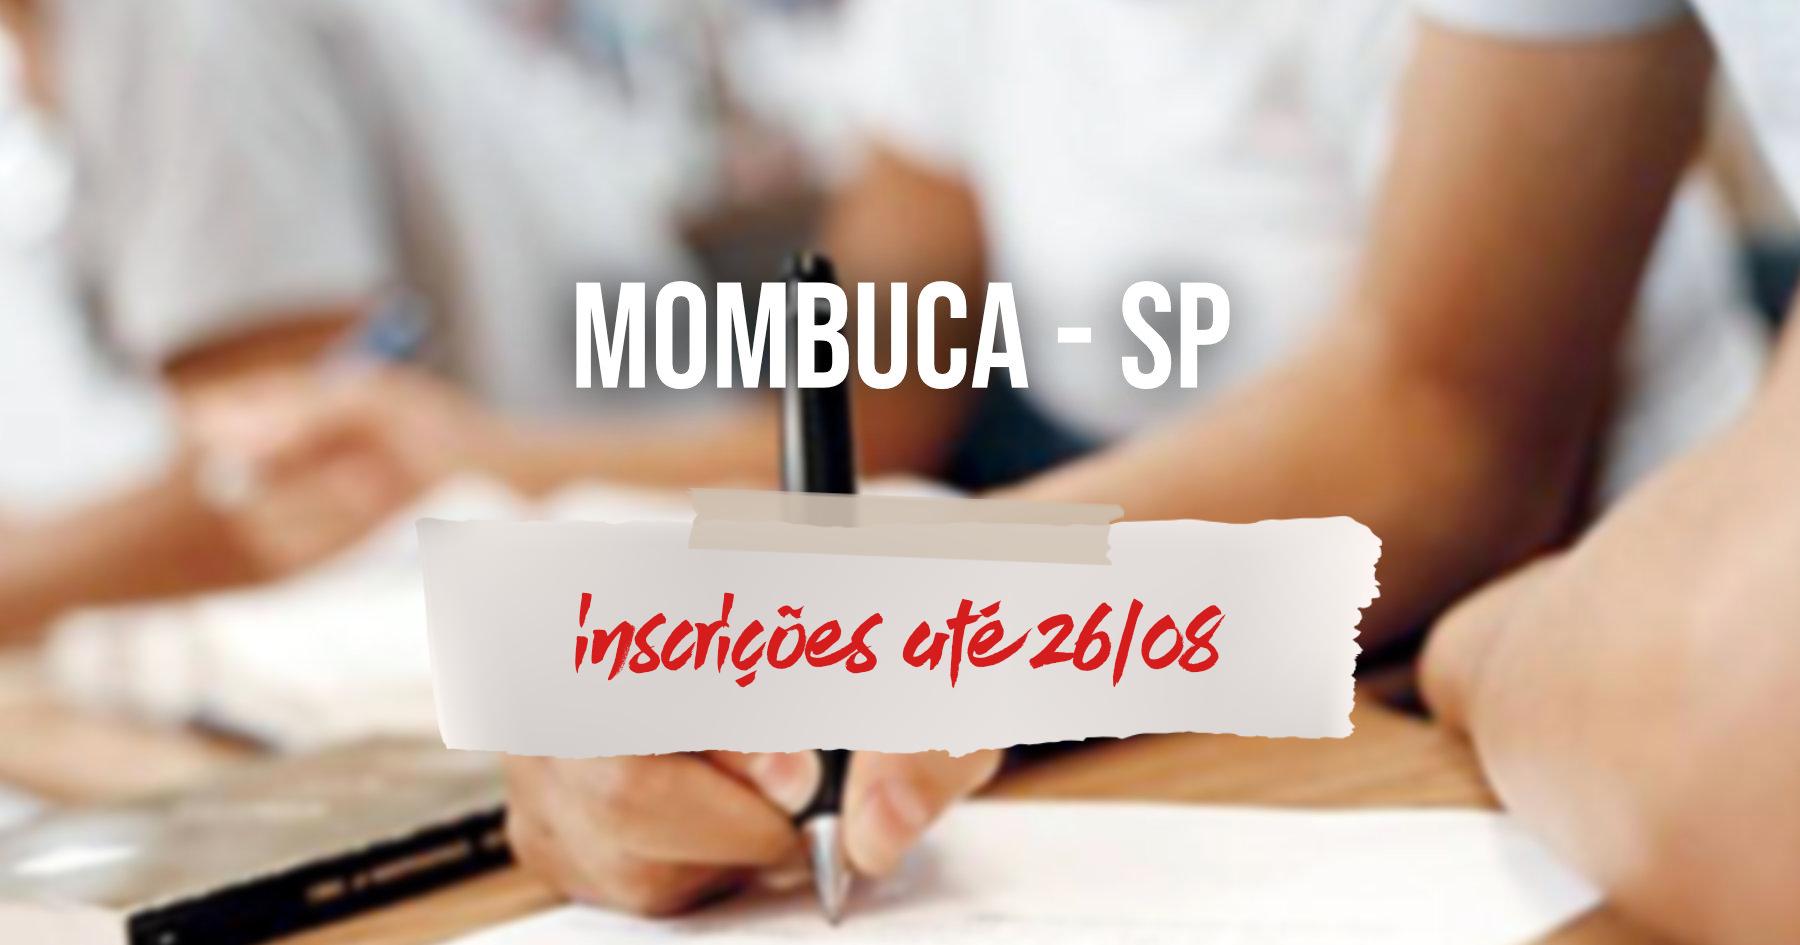 Concurso | Mombuca (SP) inscreve só até amanhã